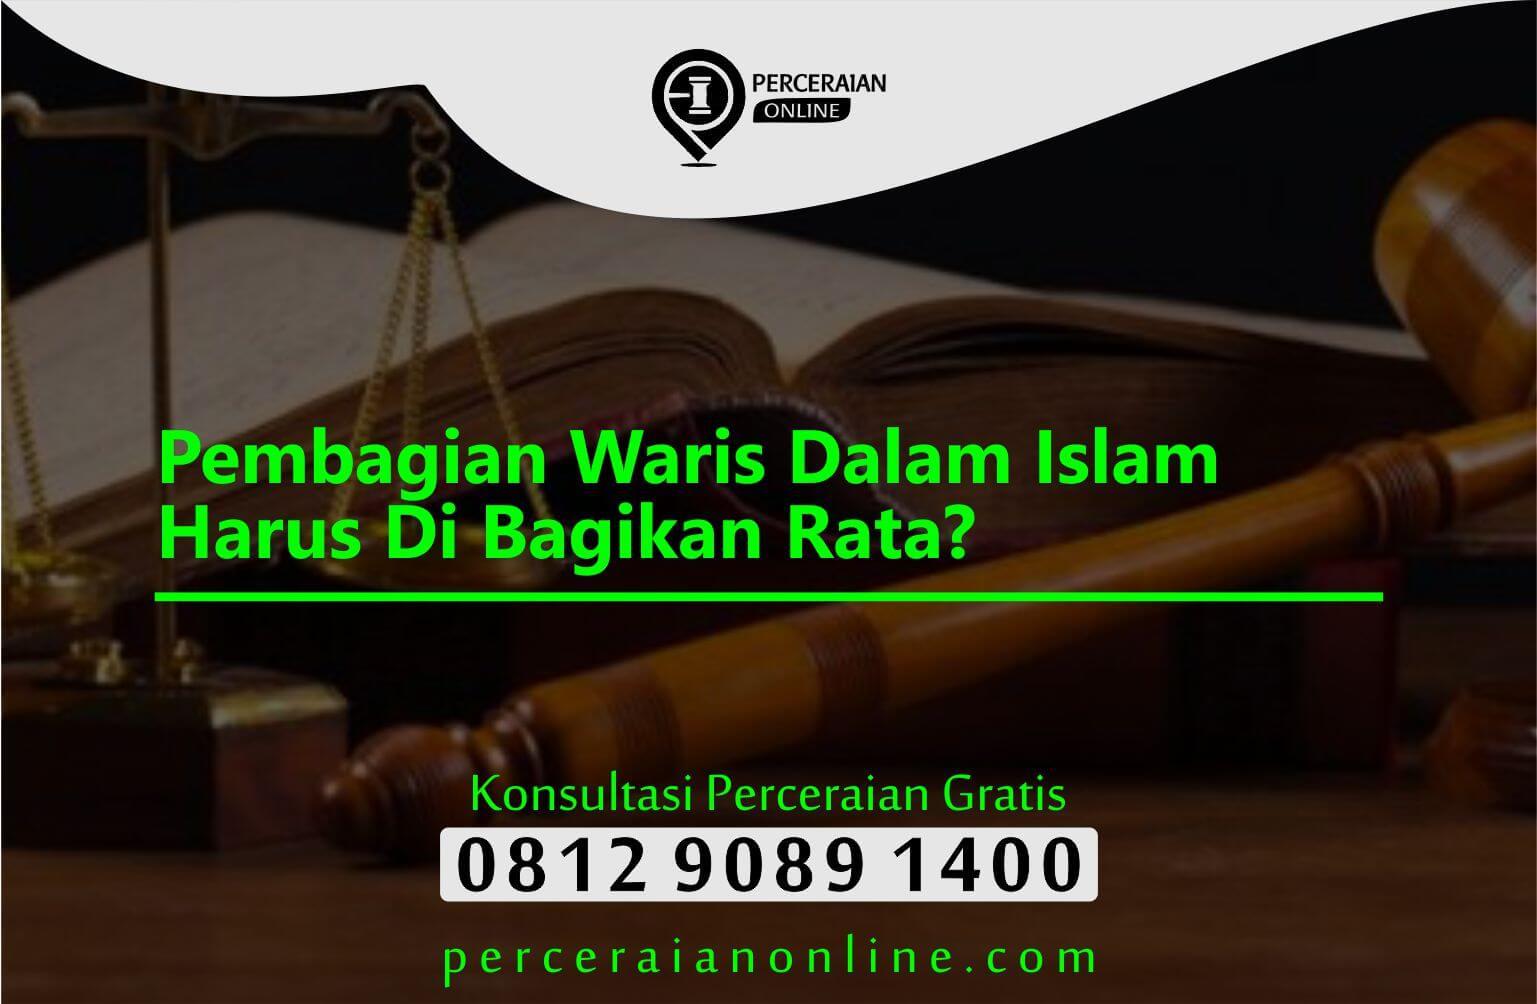 Pembagian Waris Dalam Islam Harus Di Bagikan Rata